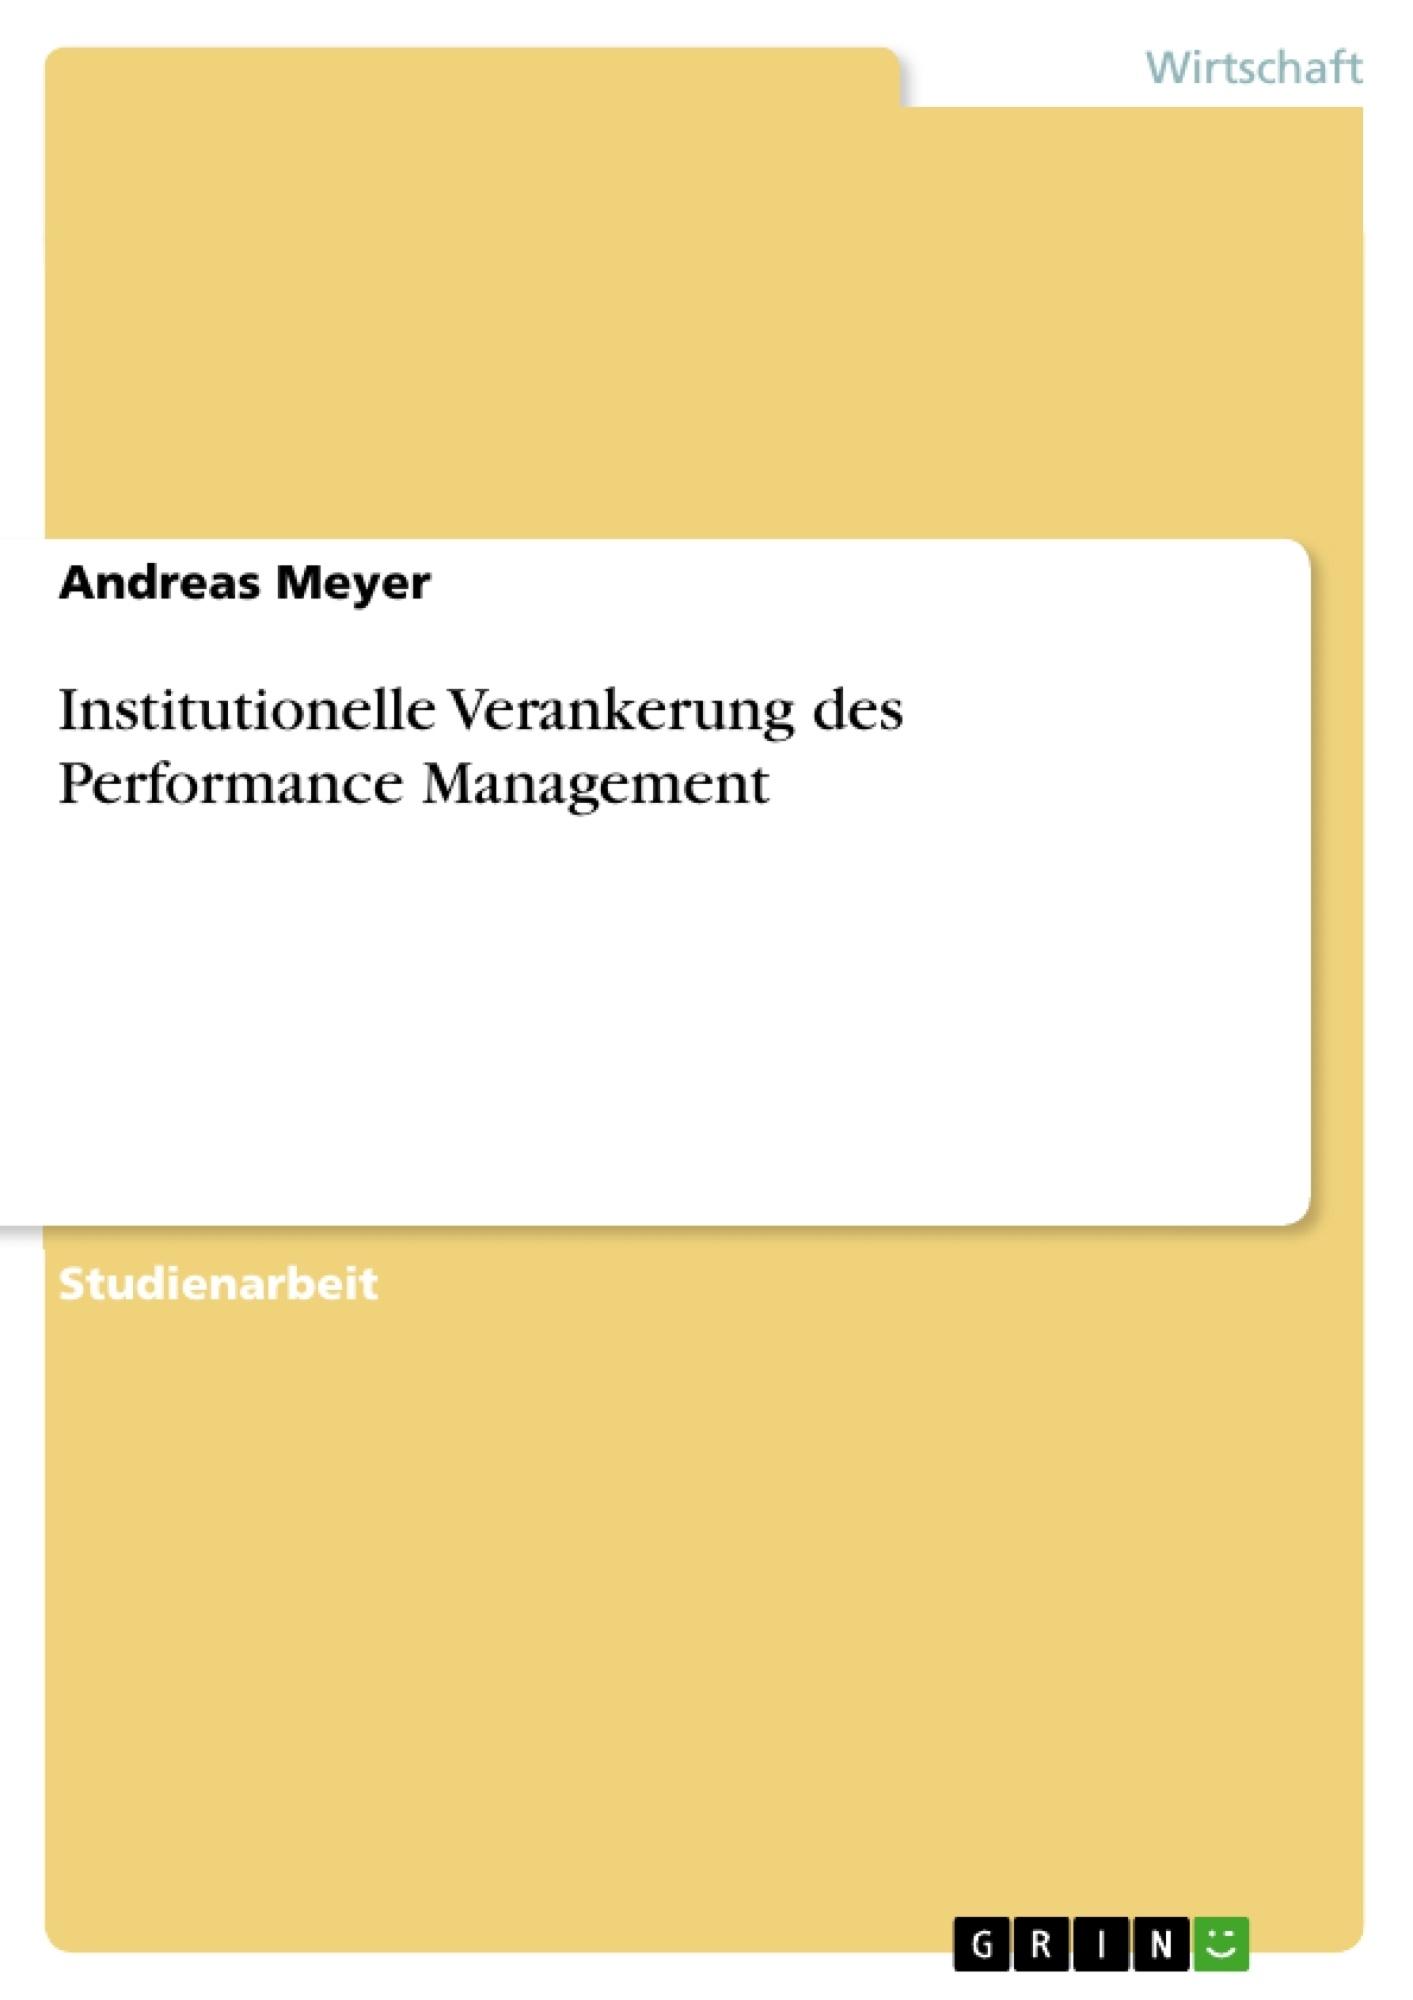 Titel: Institutionelle Verankerung des Performance Management